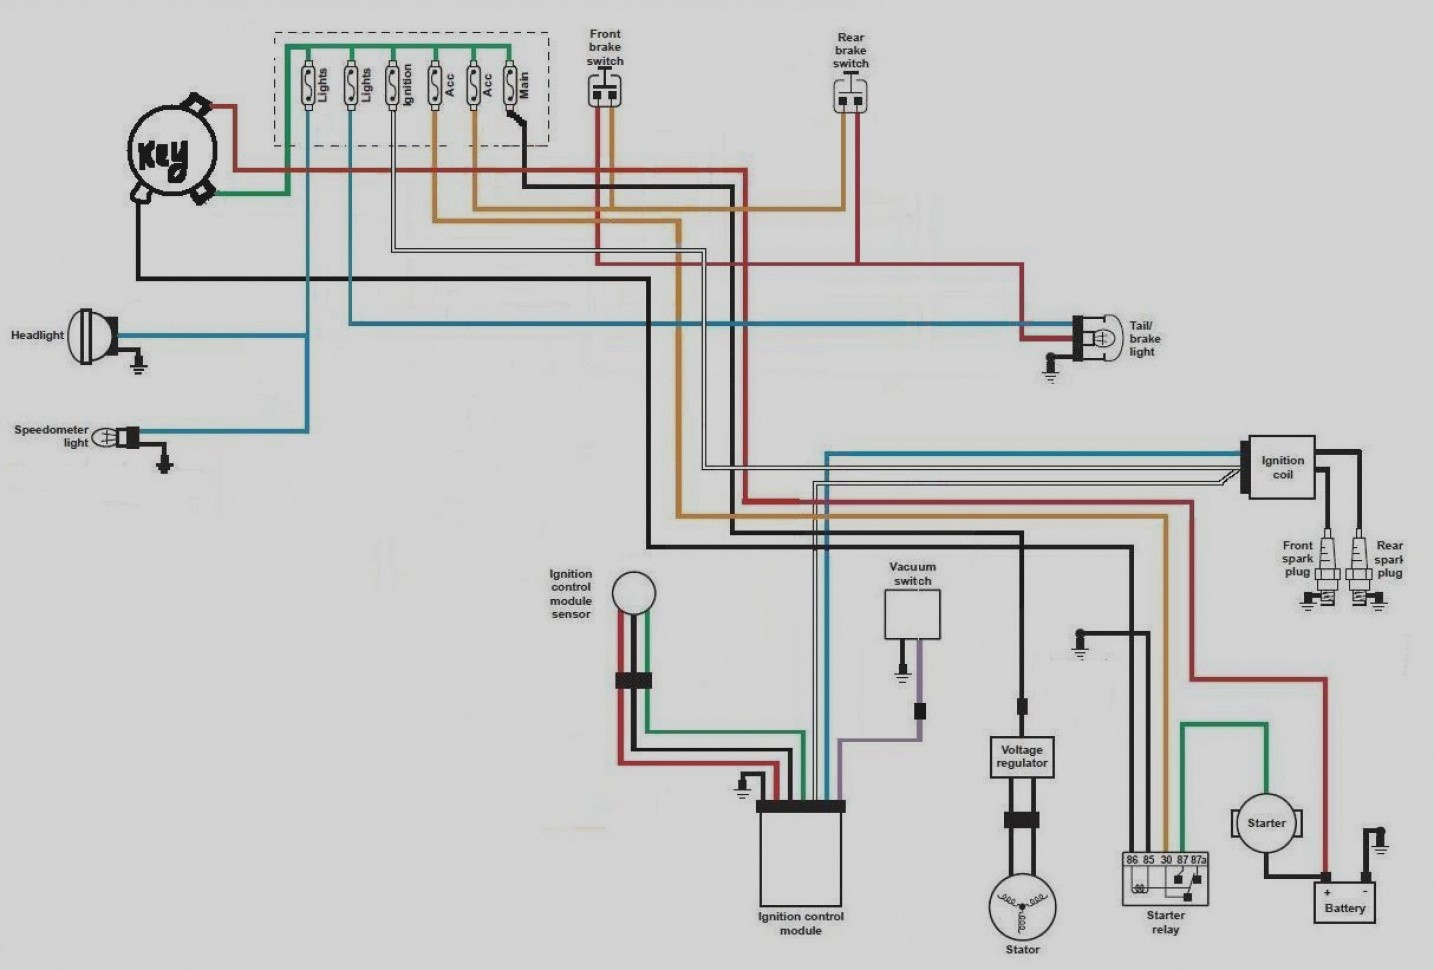 wiring diagram for harley davidson softail free wiring diagram